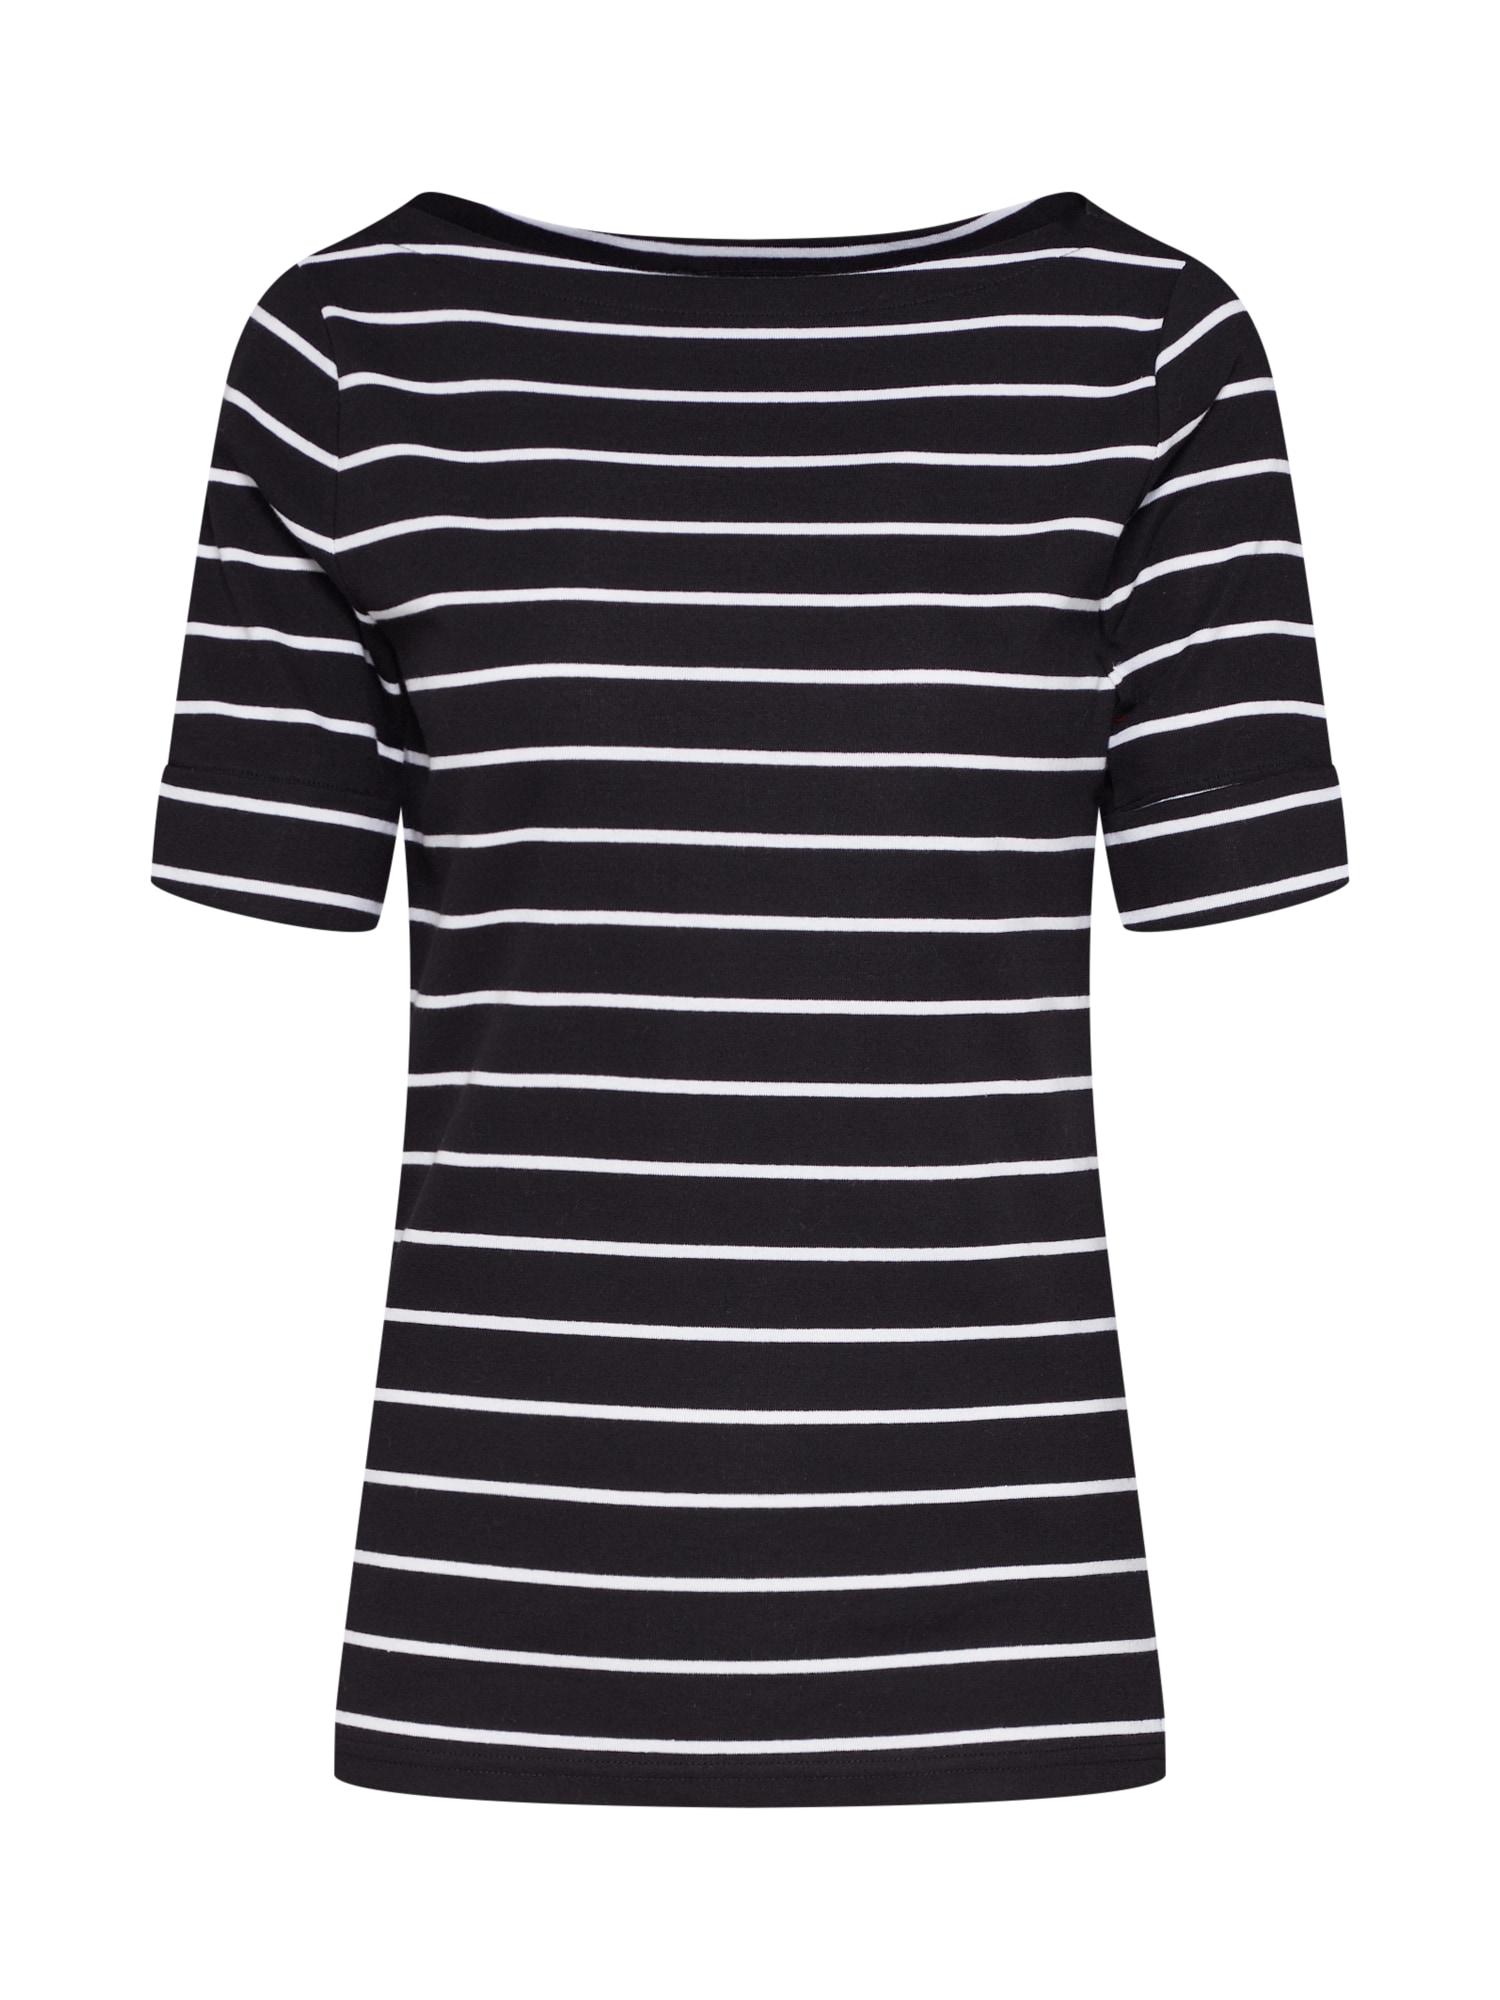 Tričko JUDY černá bílá Lauren Ralph Lauren